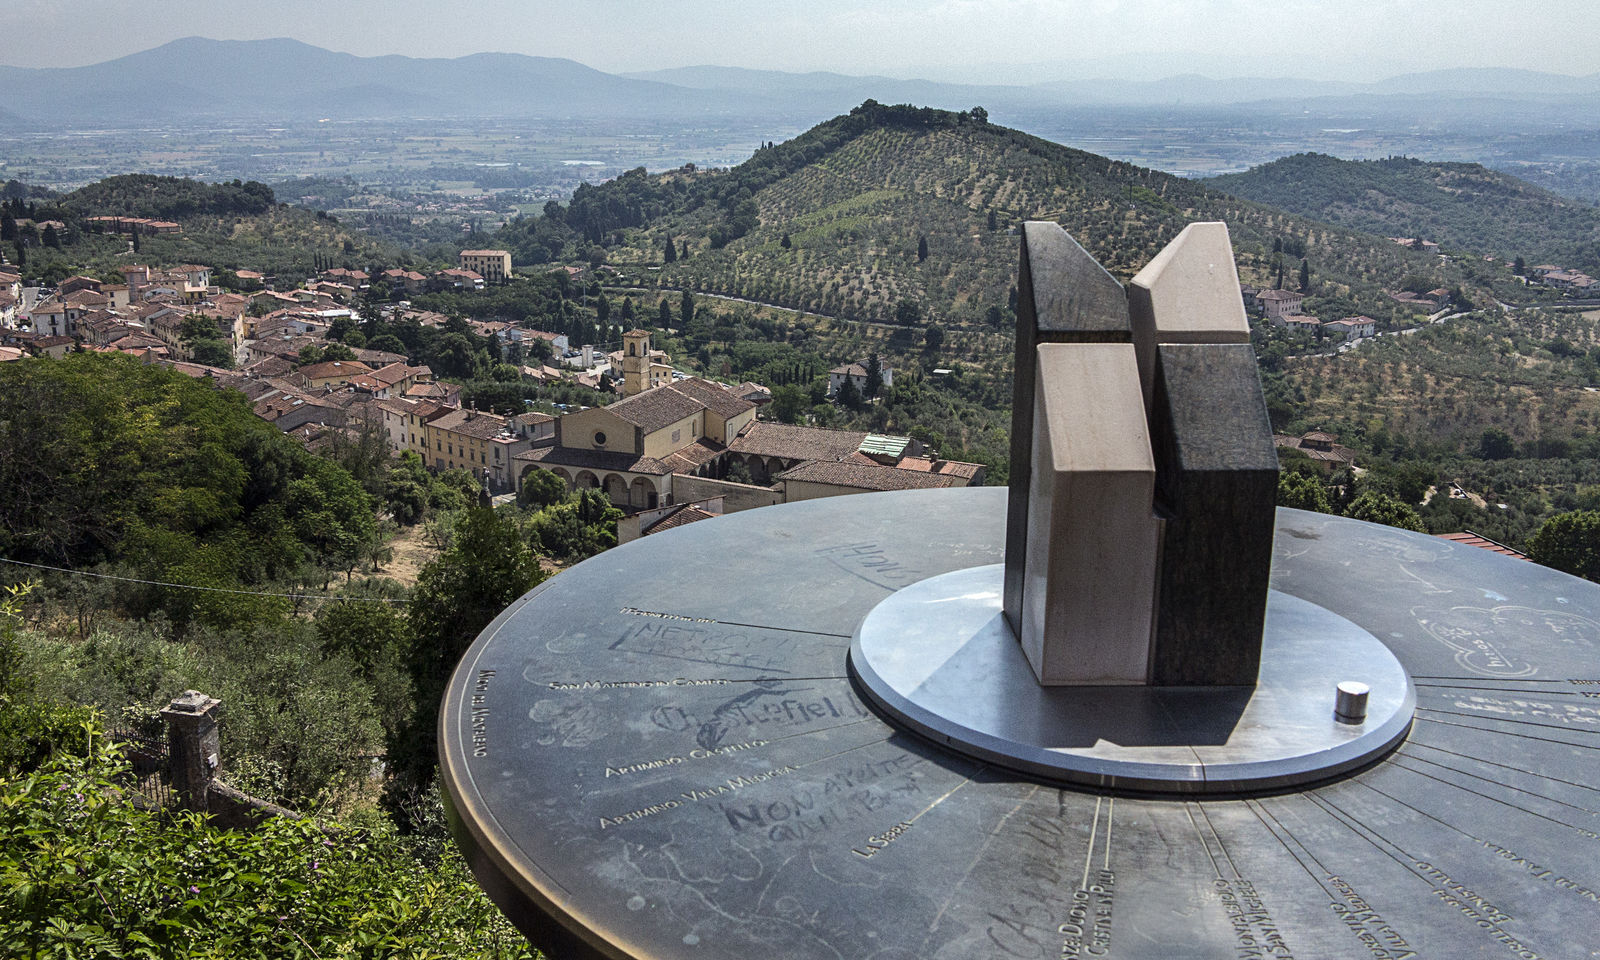 Carmignano - Armonia di colori nel cuore della Toscana - Toscana Ovunque Bella